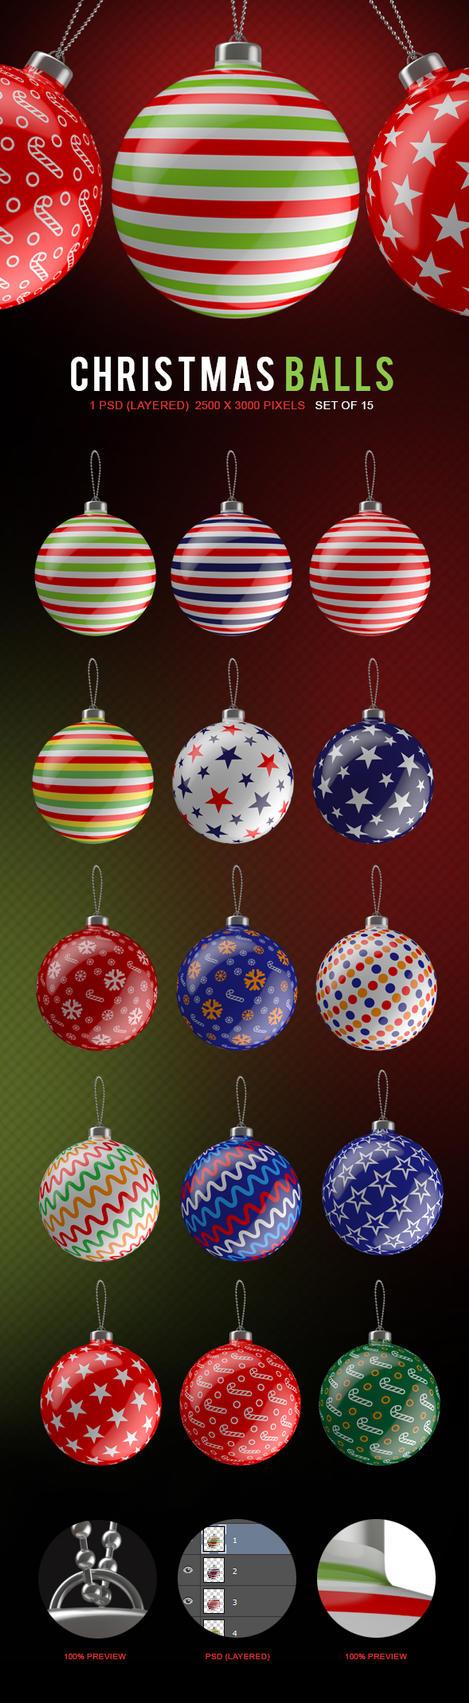 Christmas Balls set of 15 1psd (layered) 2500-3000 by Bashkirev